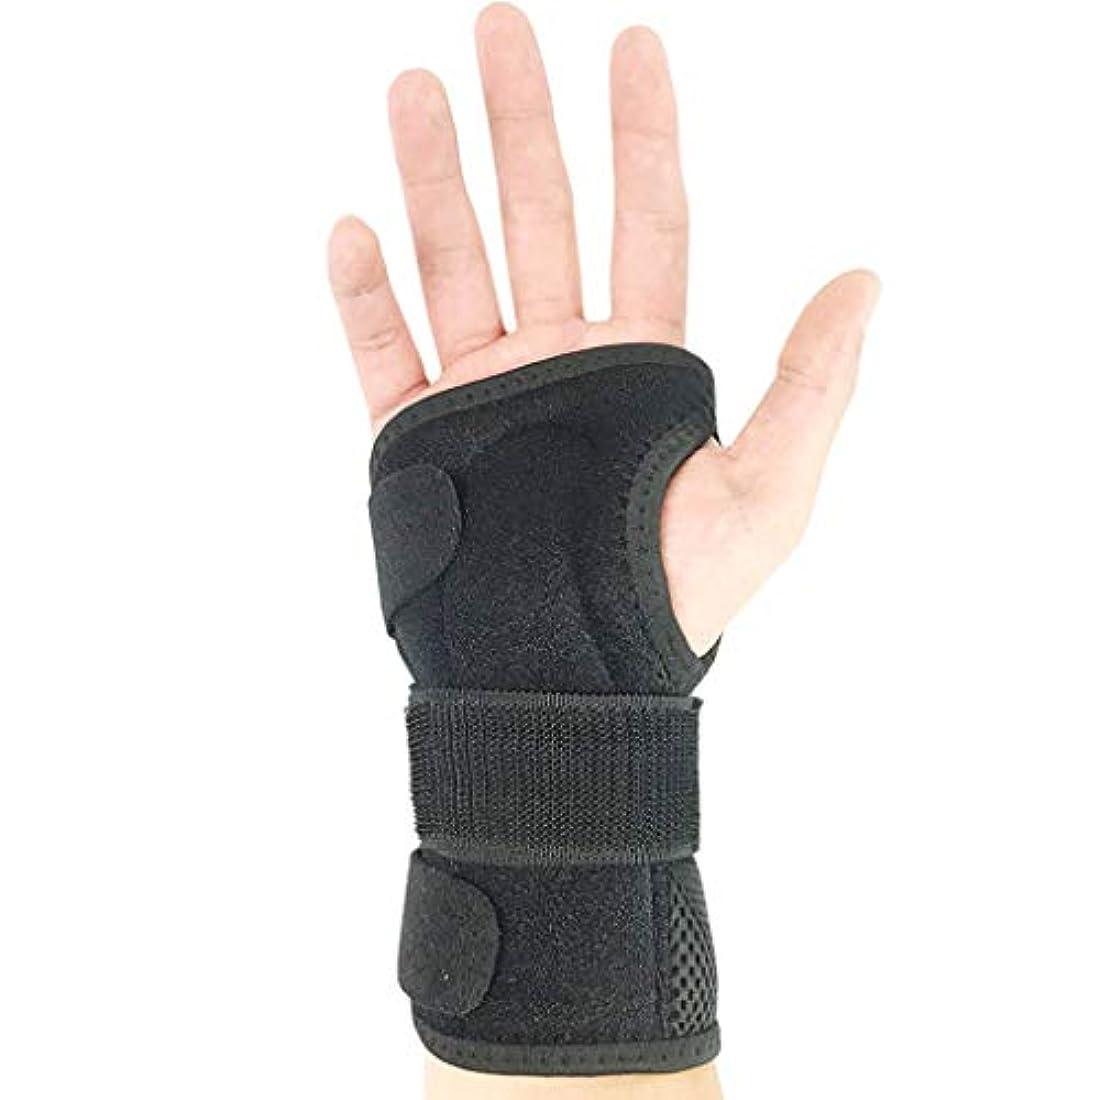 達成可能近くセンブランス手首骨折固定副子 - 通気性フィットネス捻挫痛みプロテクター調節可能な左右の手首バンドユニセックス,Right,M